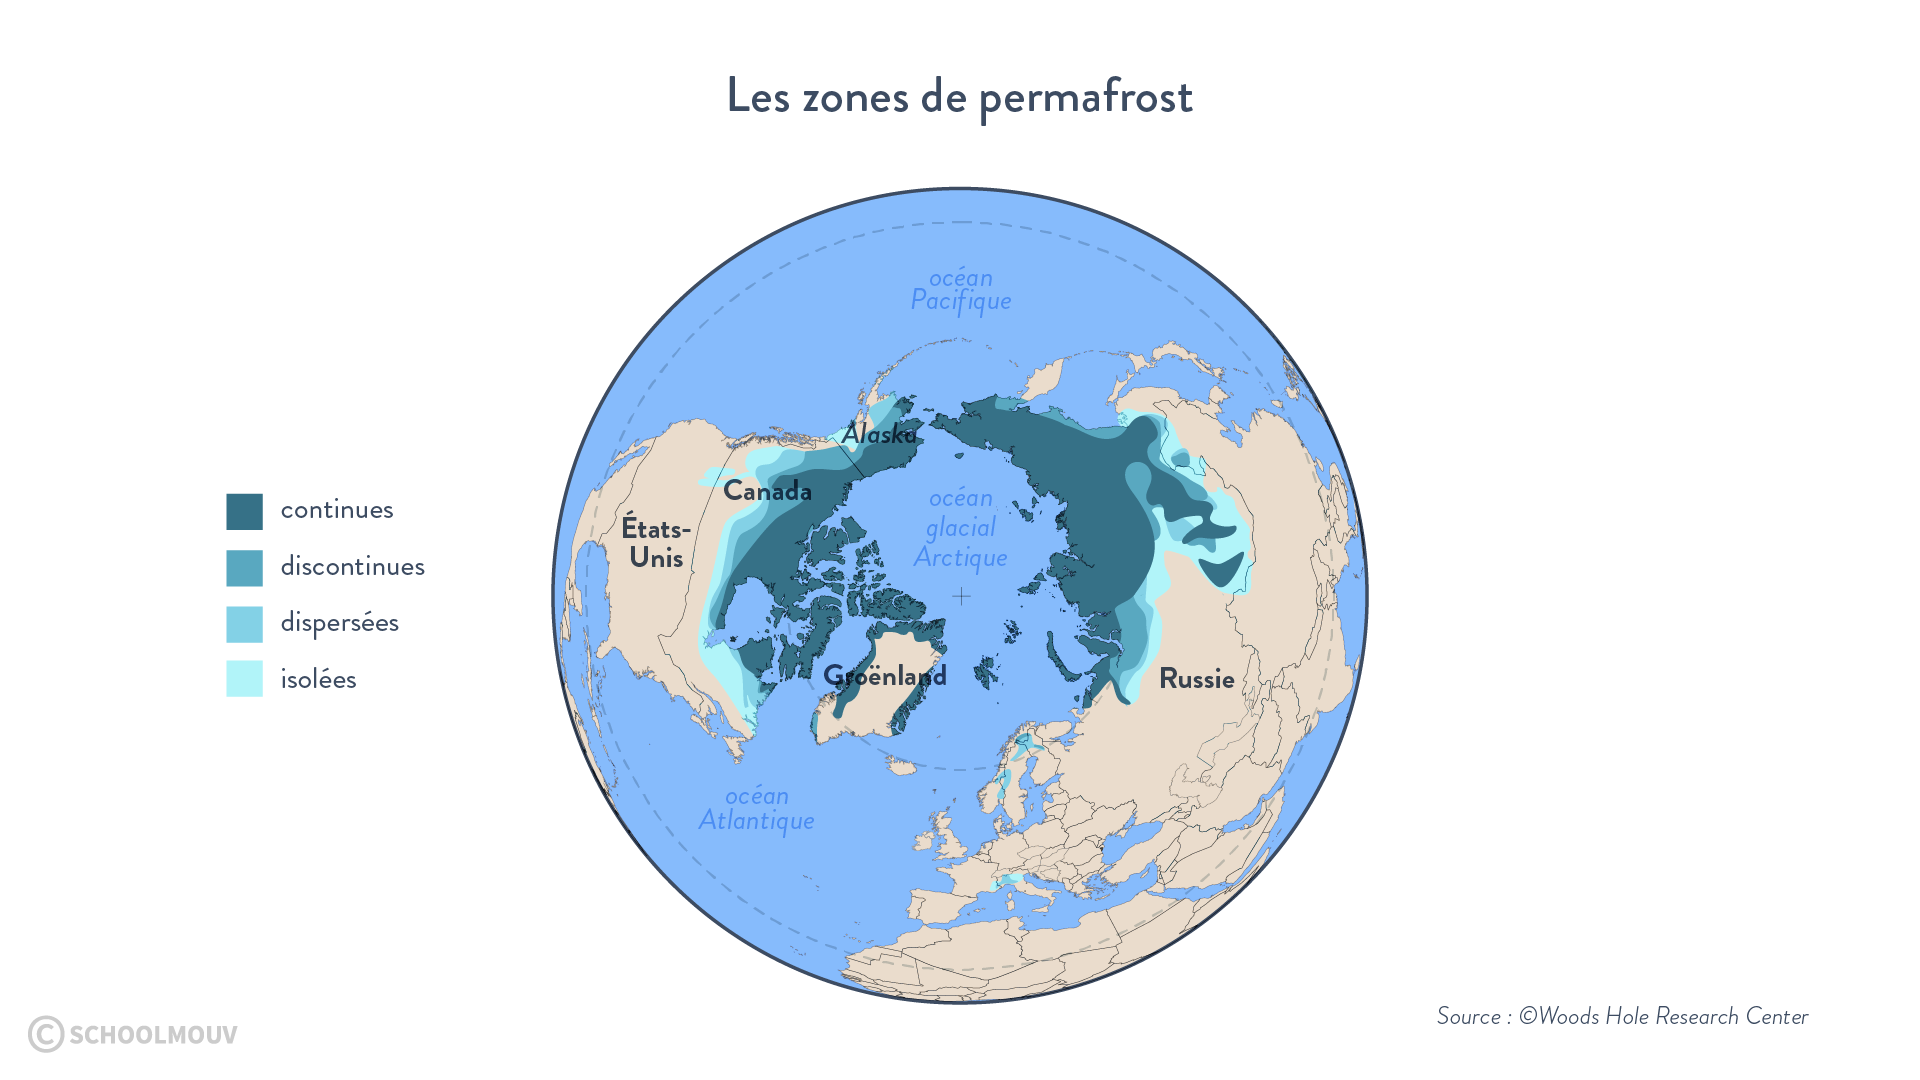 Carte du permafrost de l'hémisphère nord